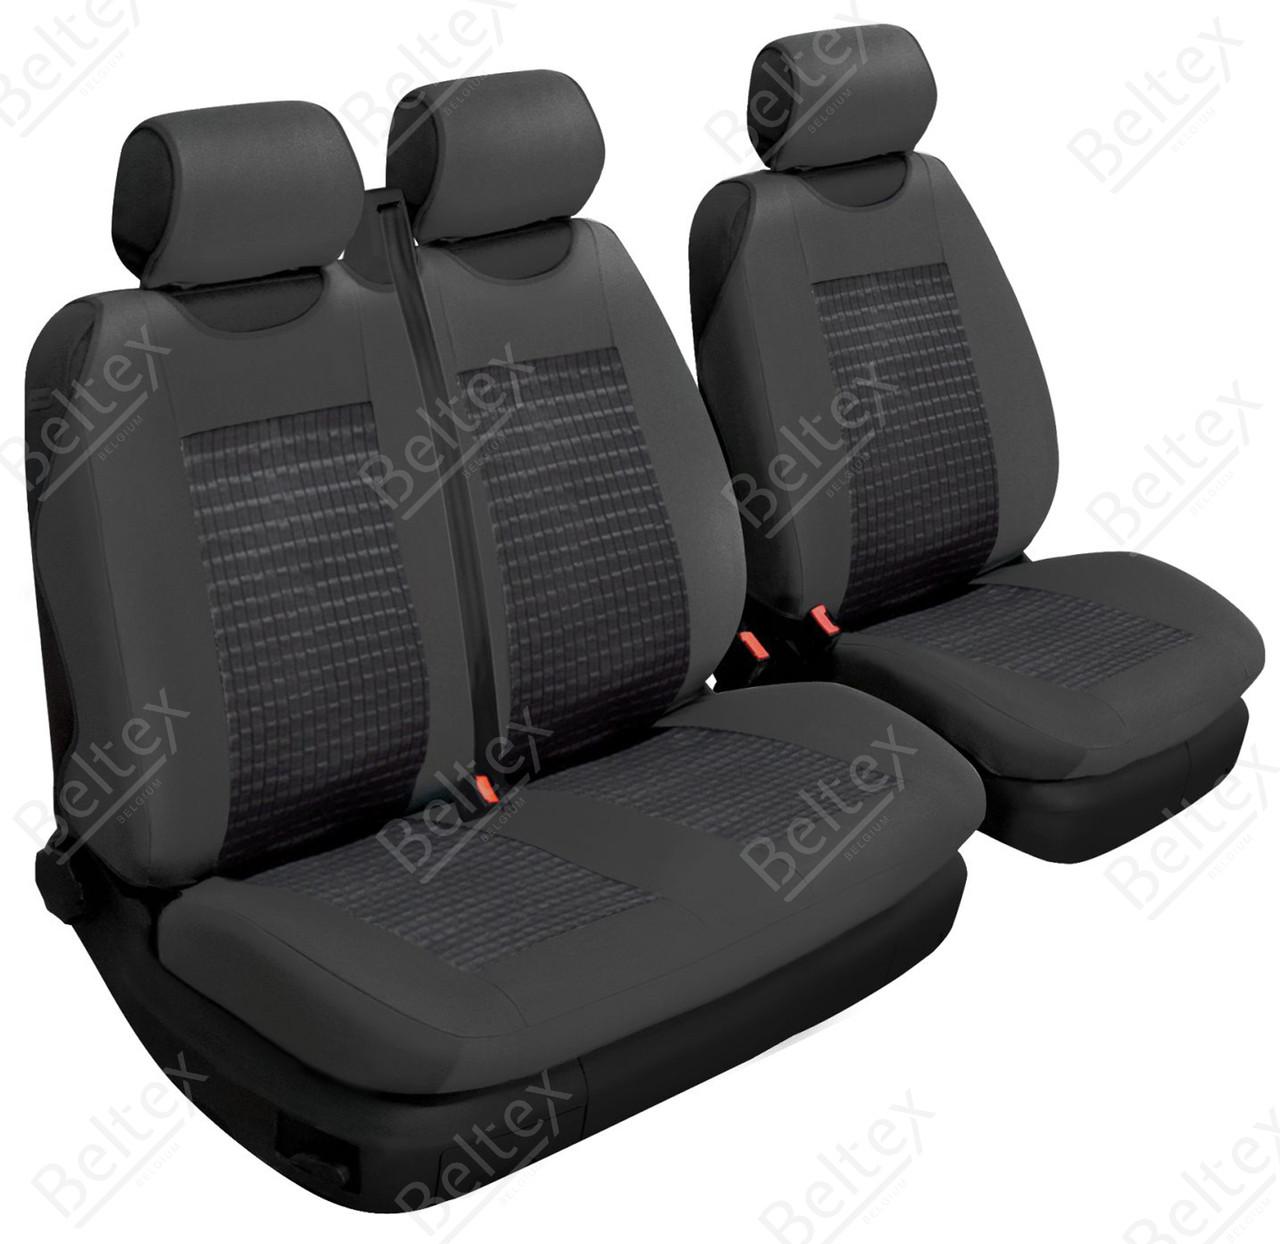 Чехлы-маечки на микроавтобусы Beltex Comfort 1+2, цвет: черный